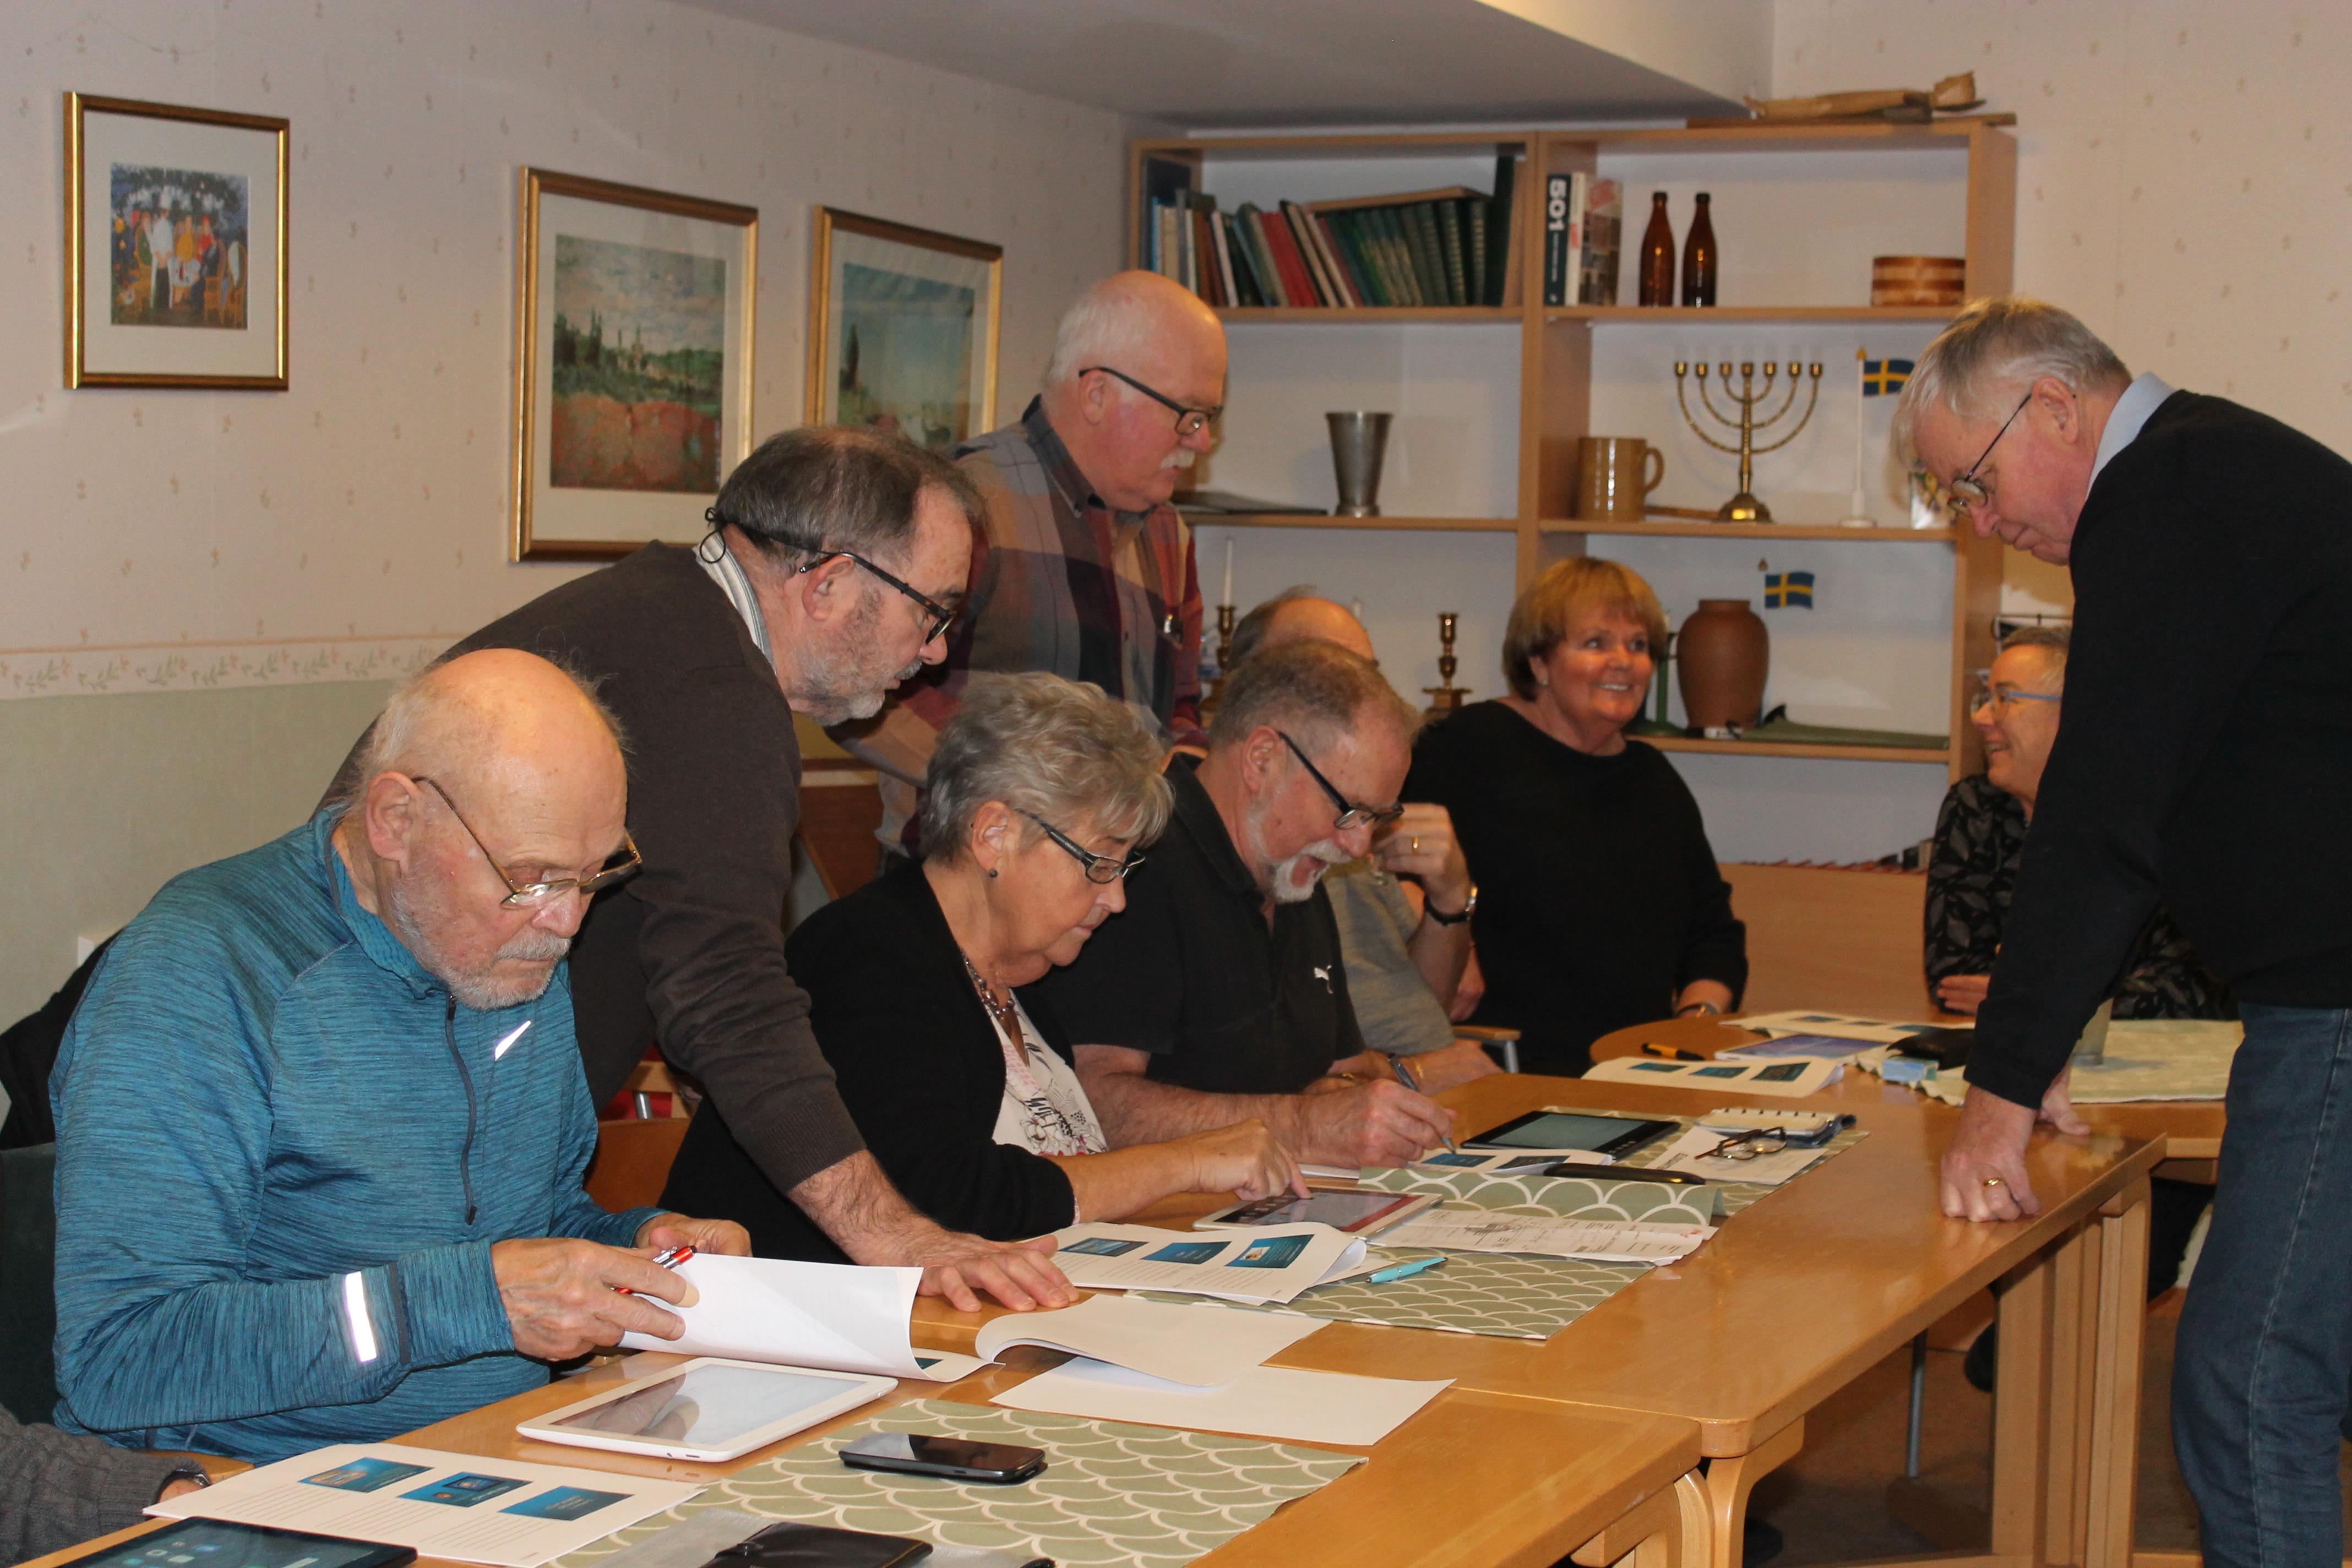 Mötesplatser För äldre I Skanör Med Falsterbo